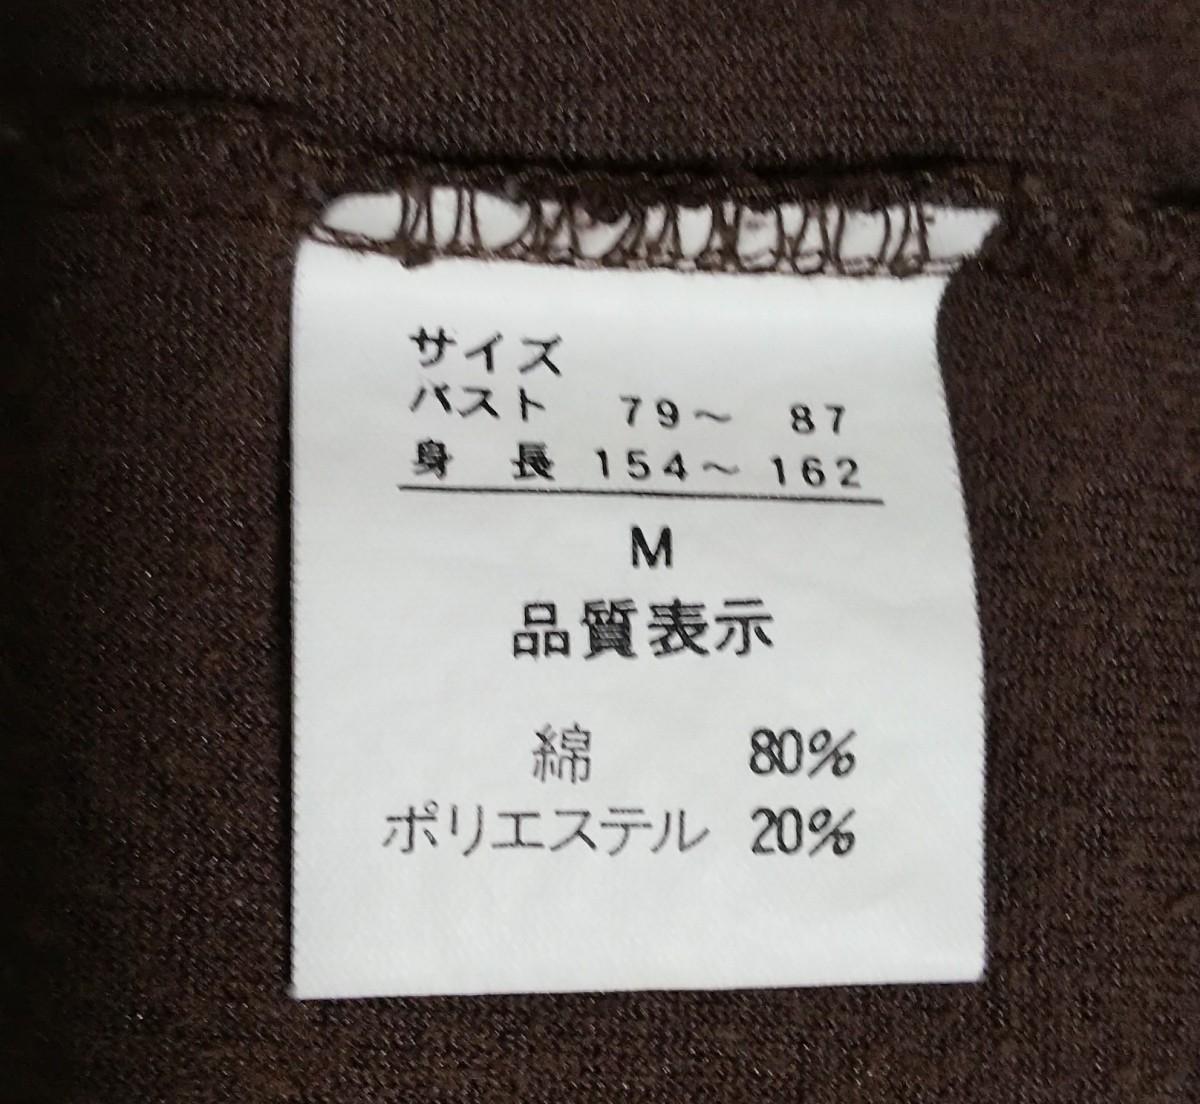 スクエアネック カットソー  半袖【ブラウン】